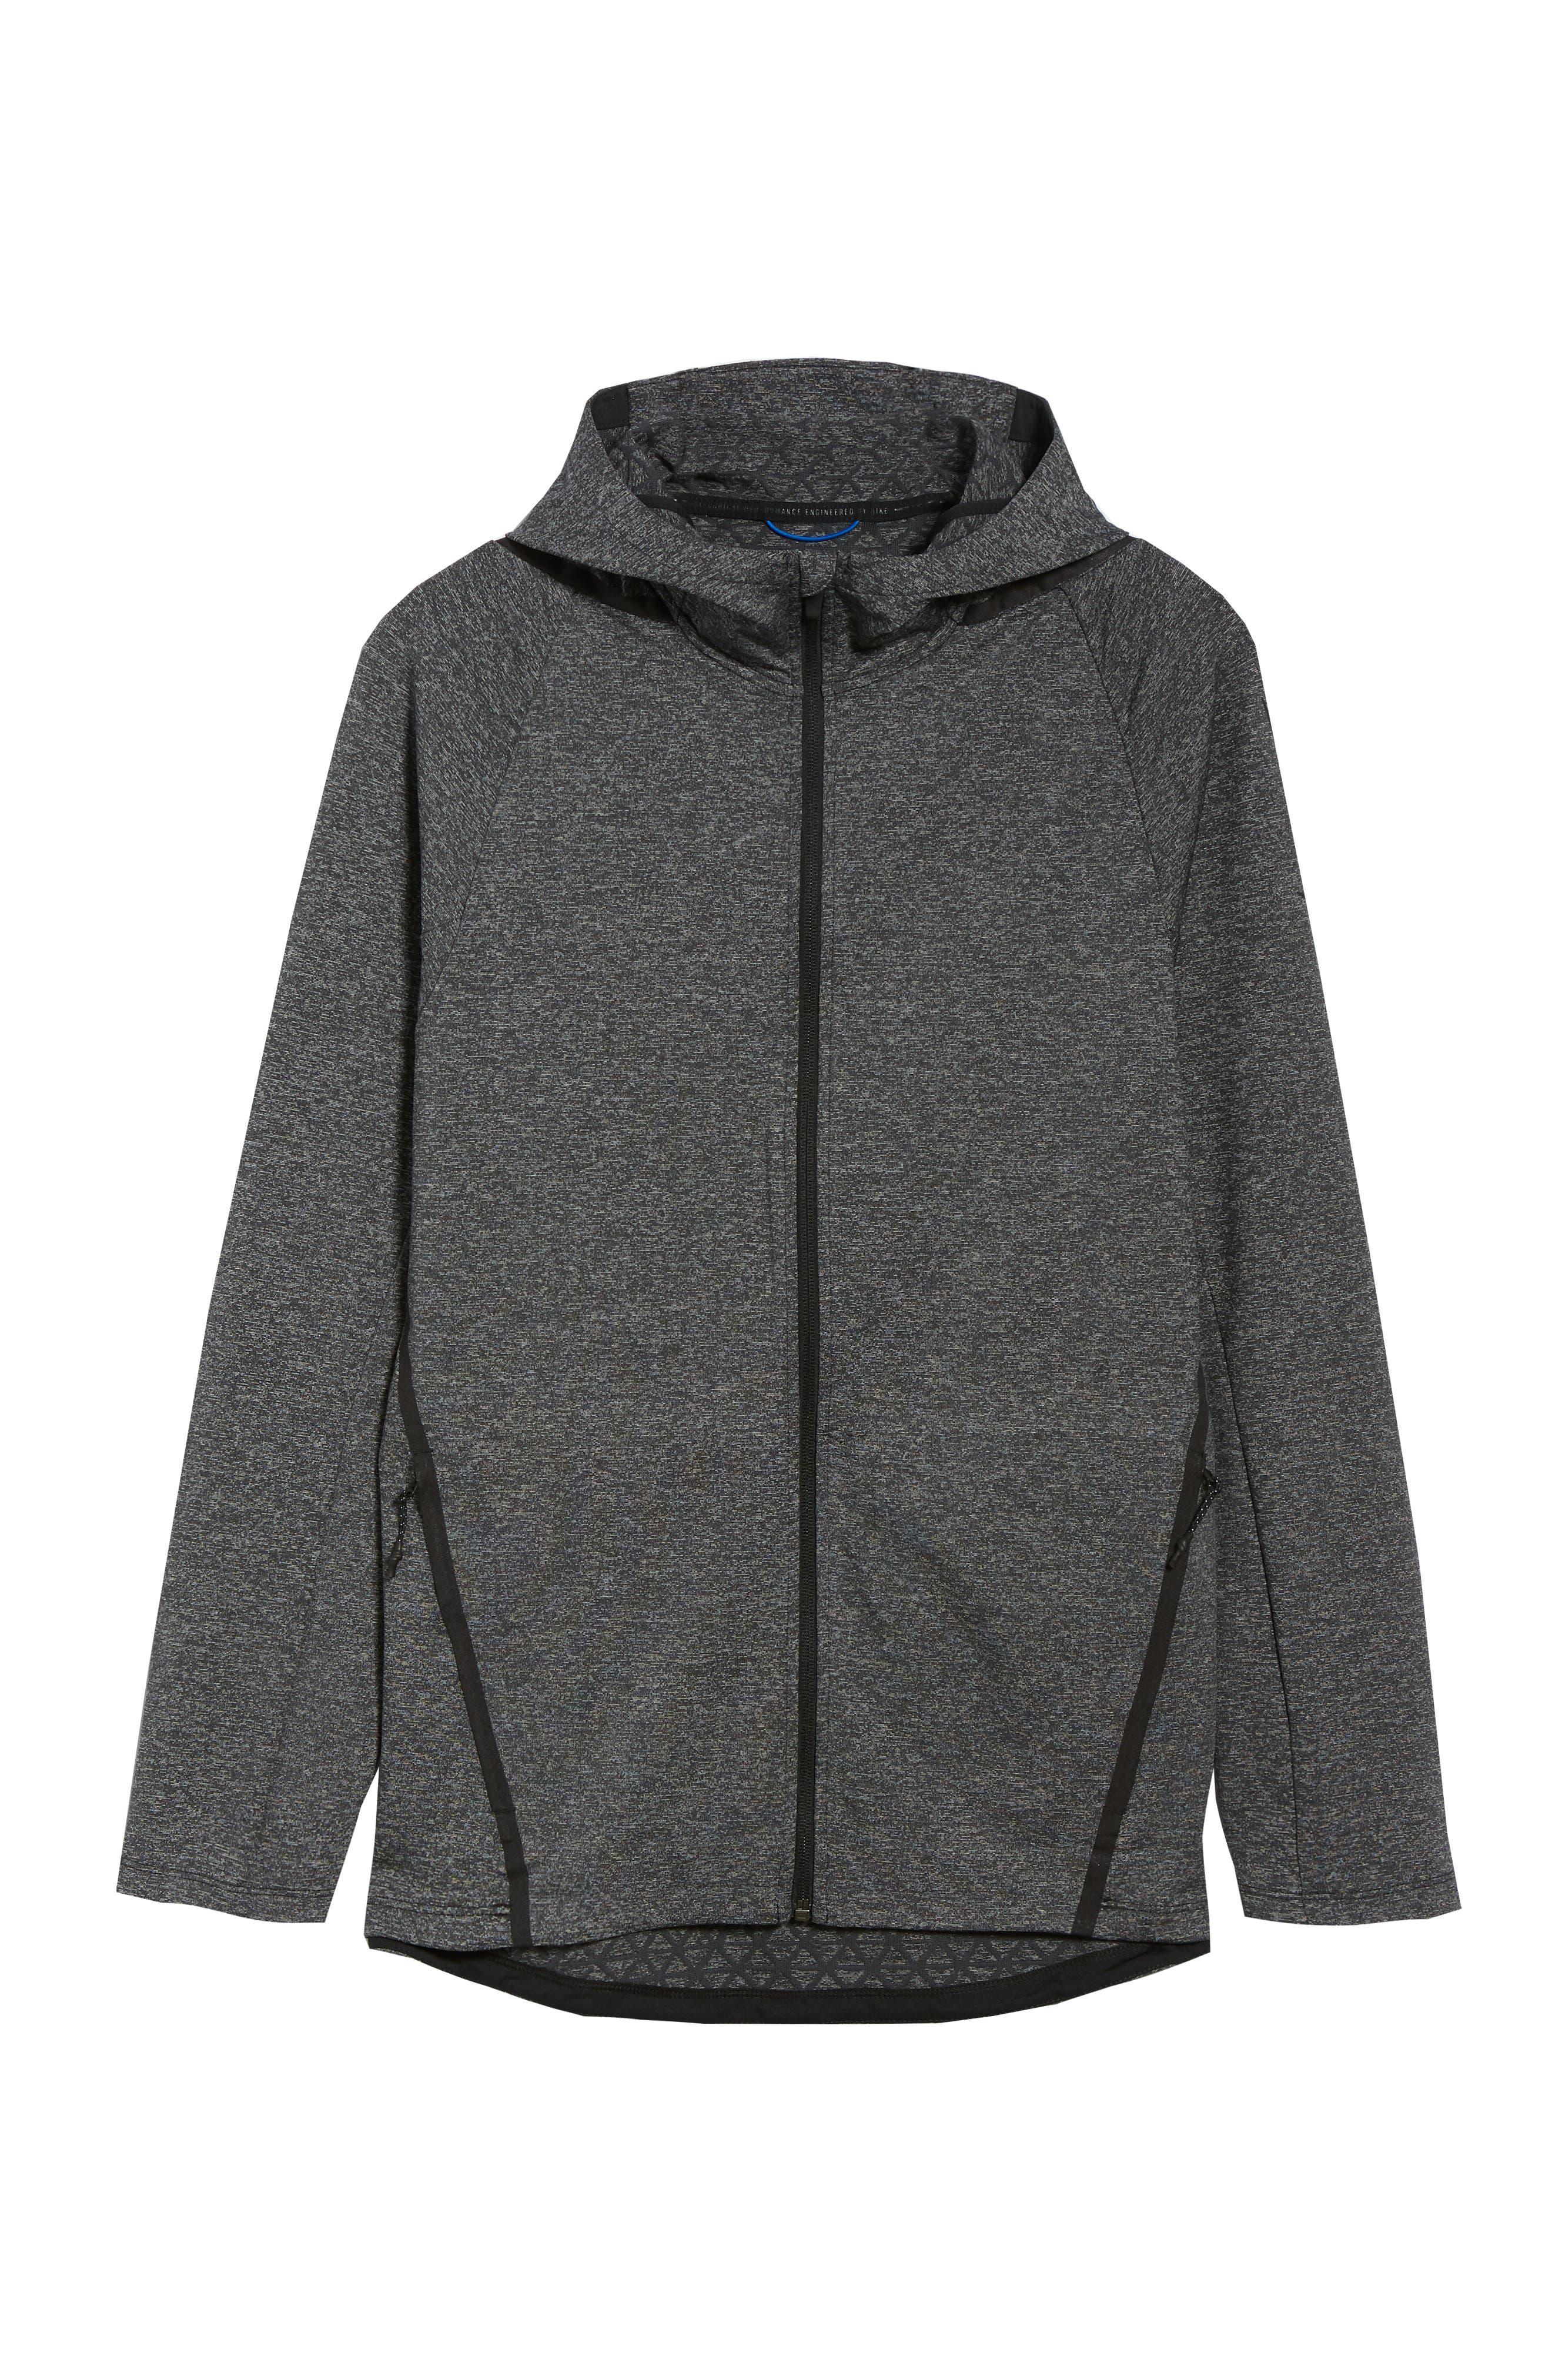 Dry Training Zip Hoodie,                             Alternate thumbnail 6, color,                             BLACK/ BLACK